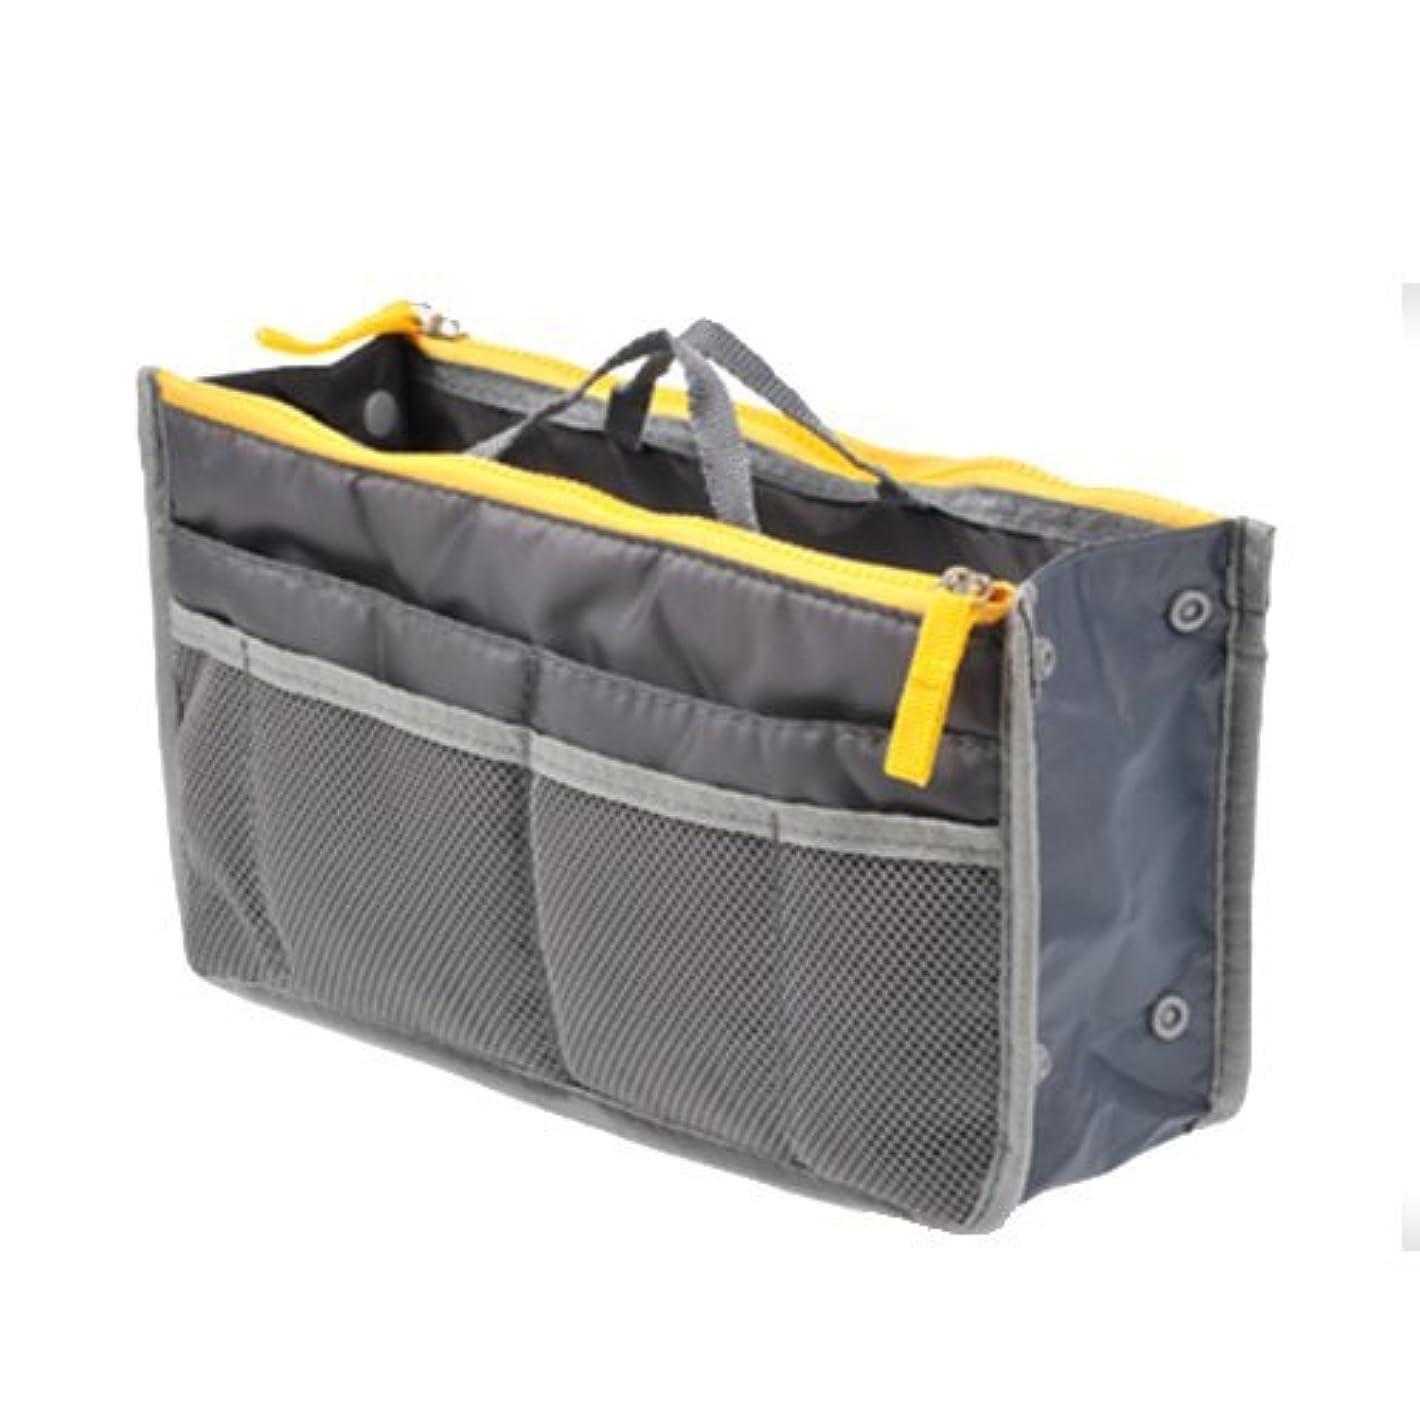 バッチアマチュア花に水をやるTENDOC 高品質 バッグでバッグを簡単収納 お財布 携帯などの必需品から手帳やペンもピッタリサイズ グレー